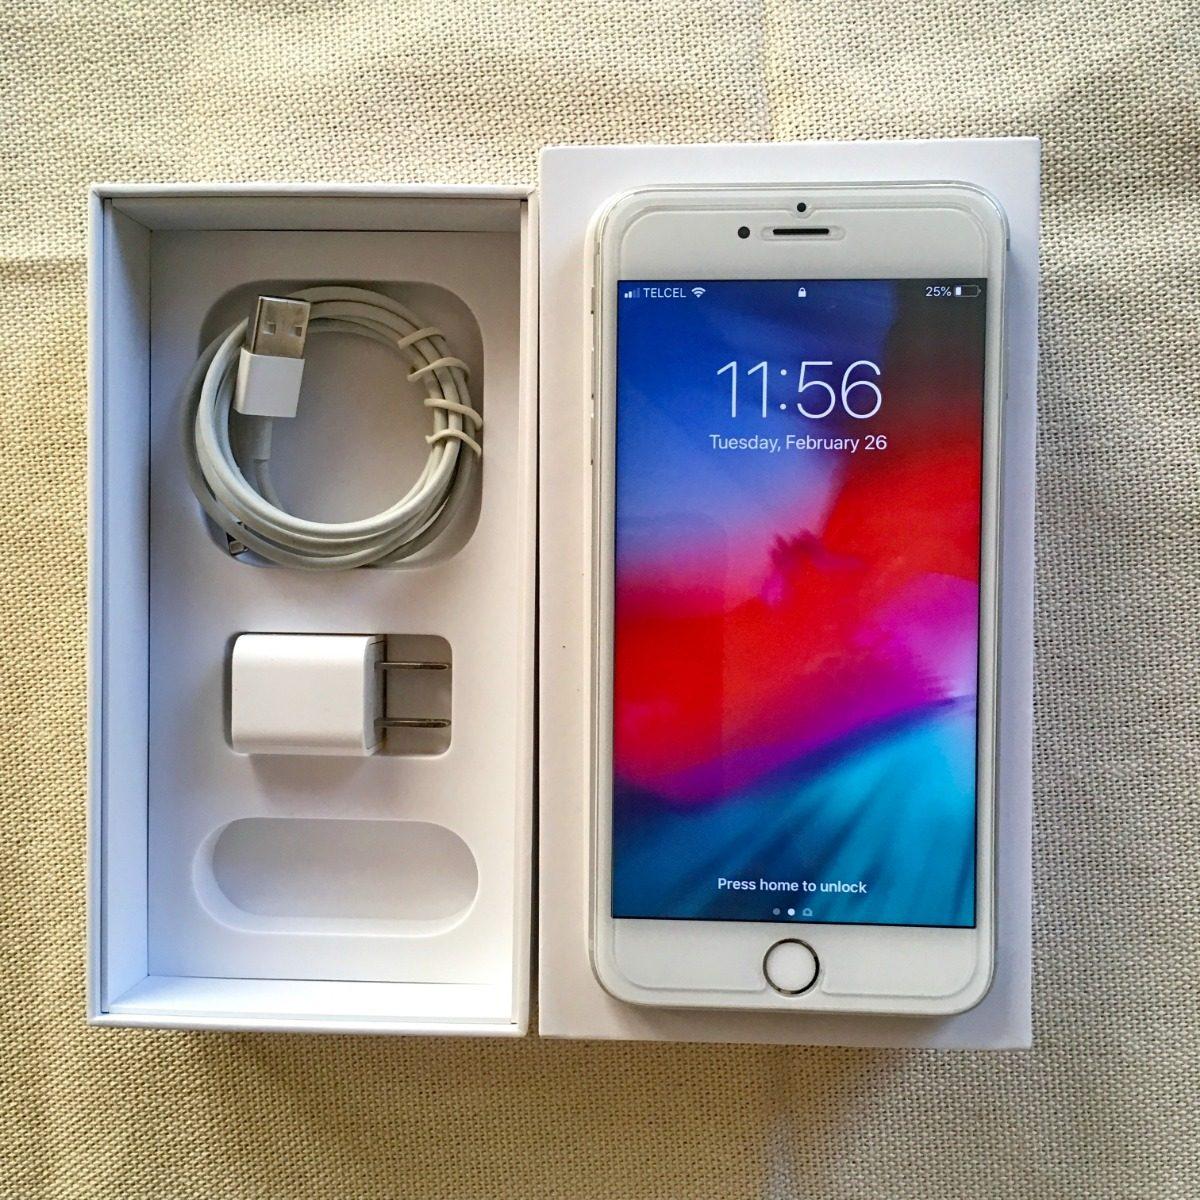 d5d6fdcb6b3 Cargando zoom... iphone 6s 128 gb color plata, liberado, con accesorios